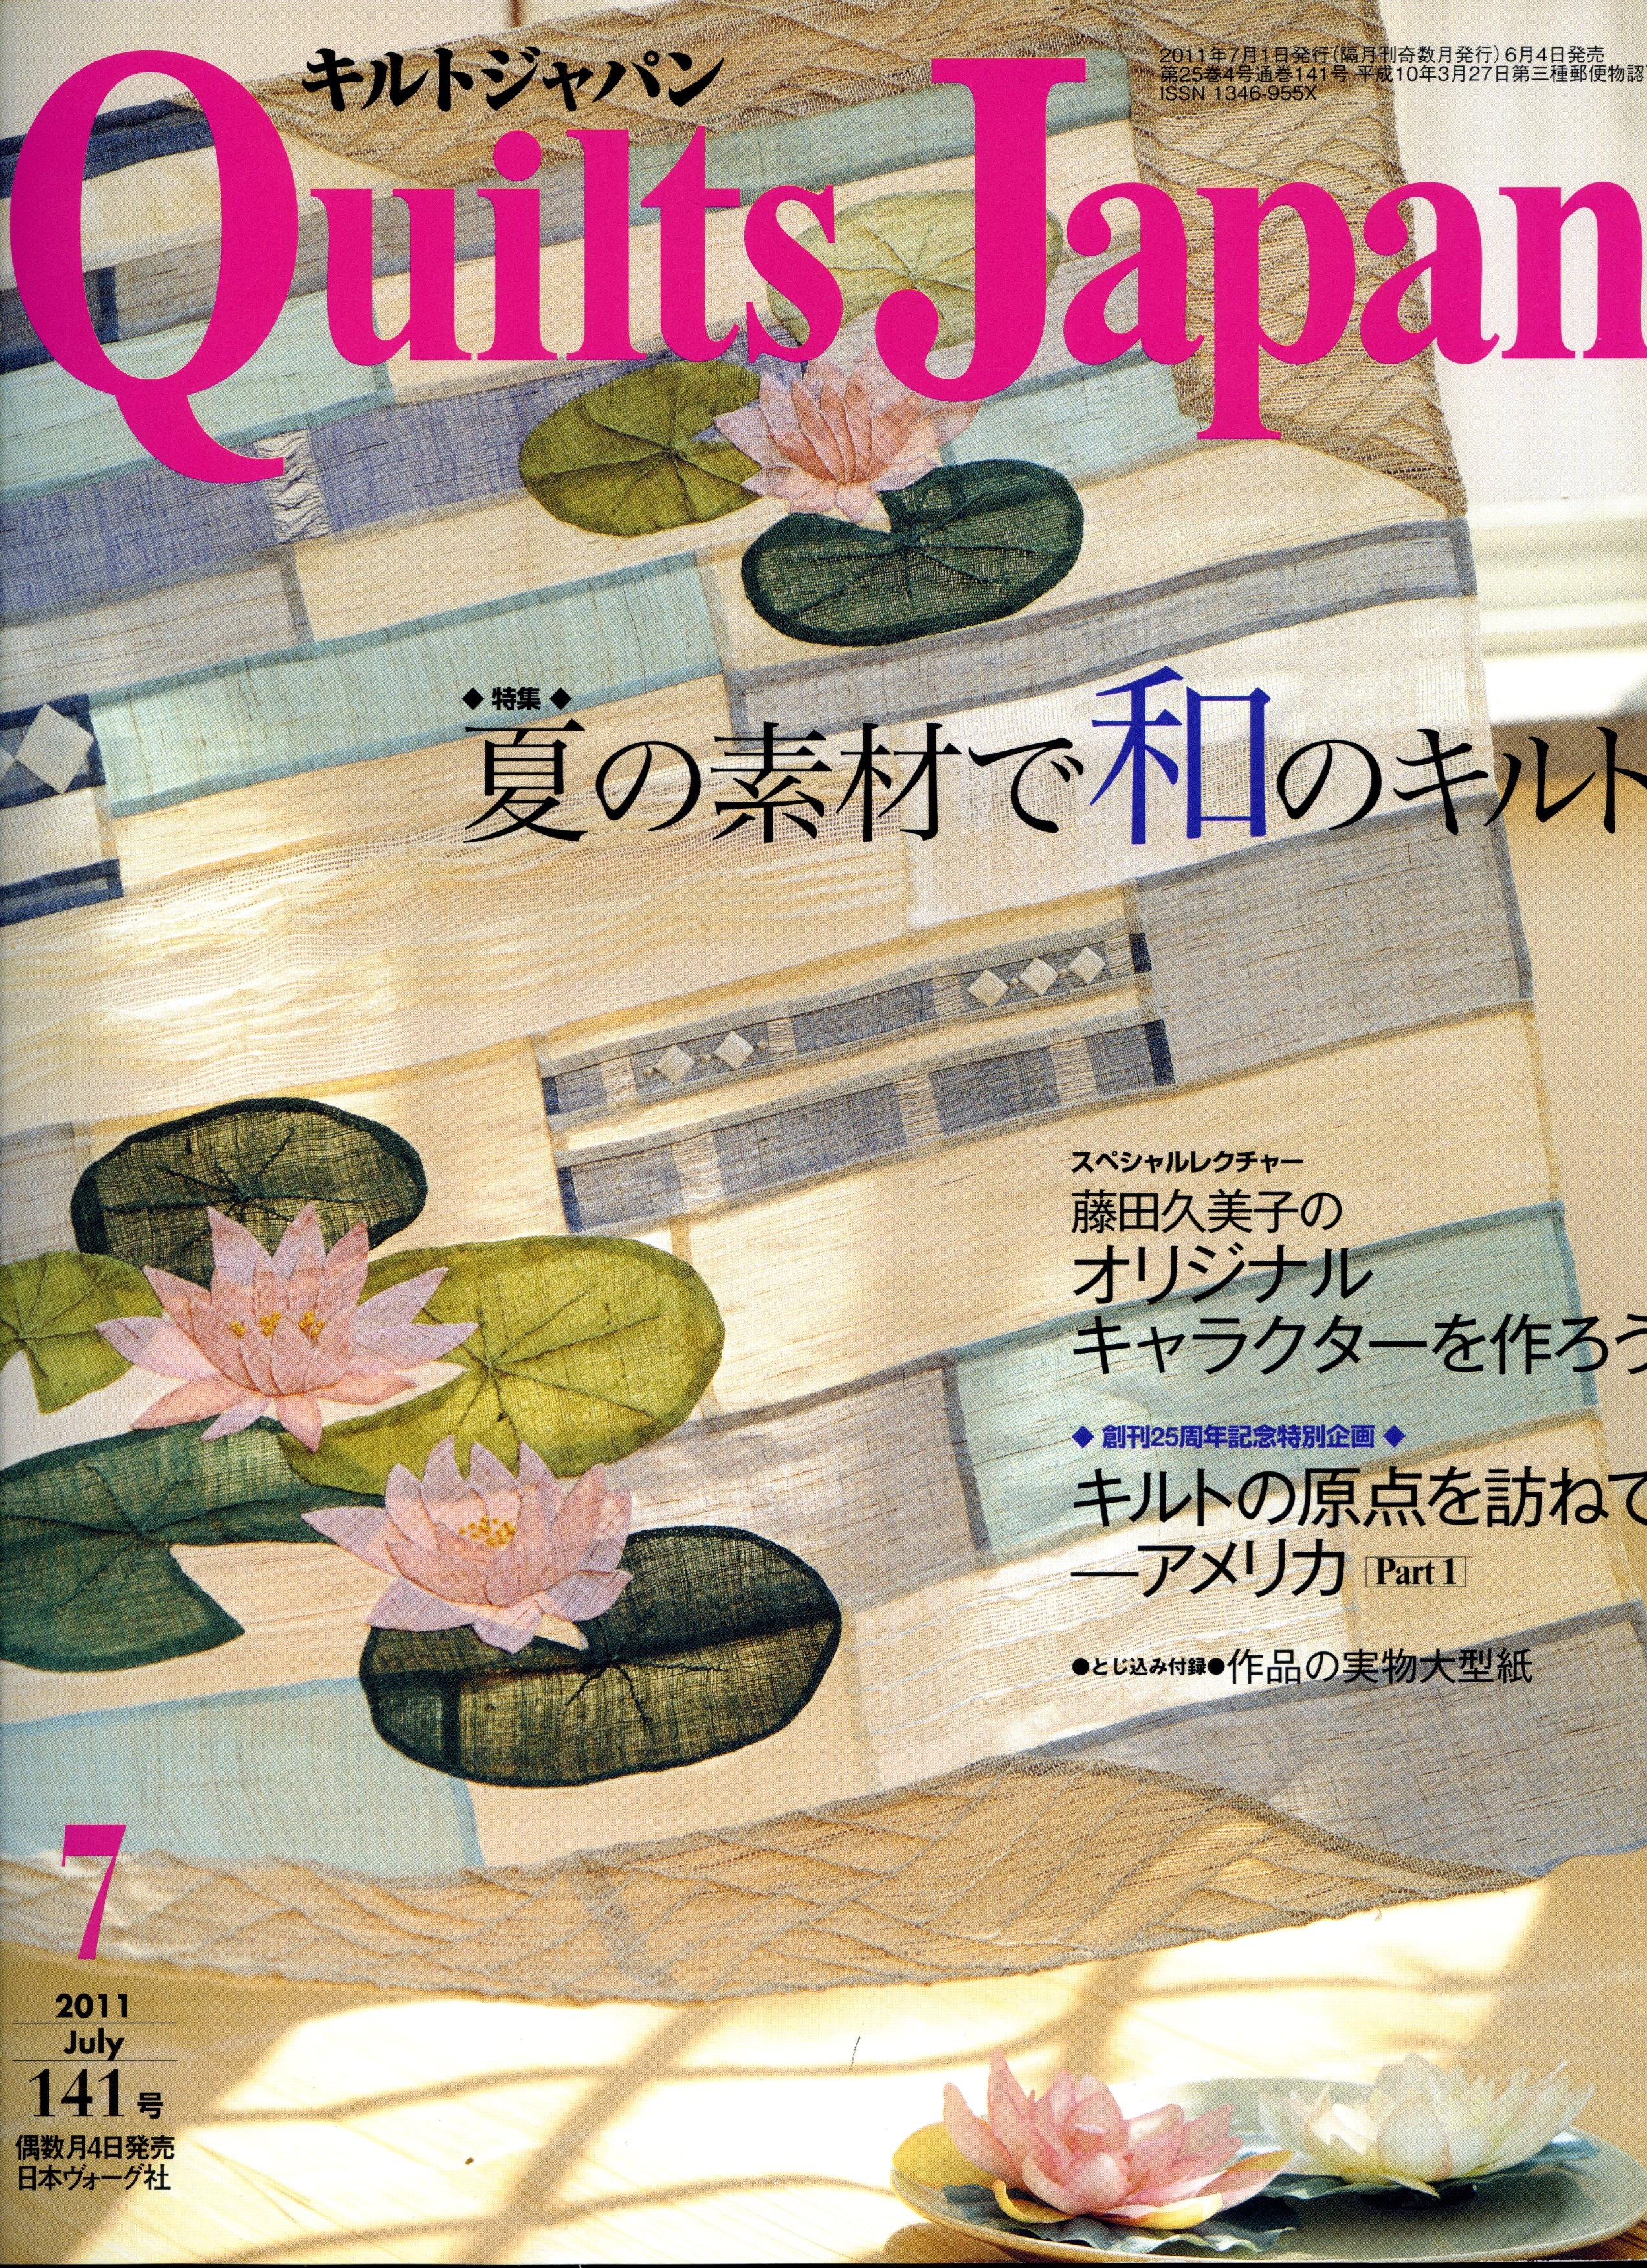 Quilt Japan 2011キルトジャパン 中沢フェリーサ